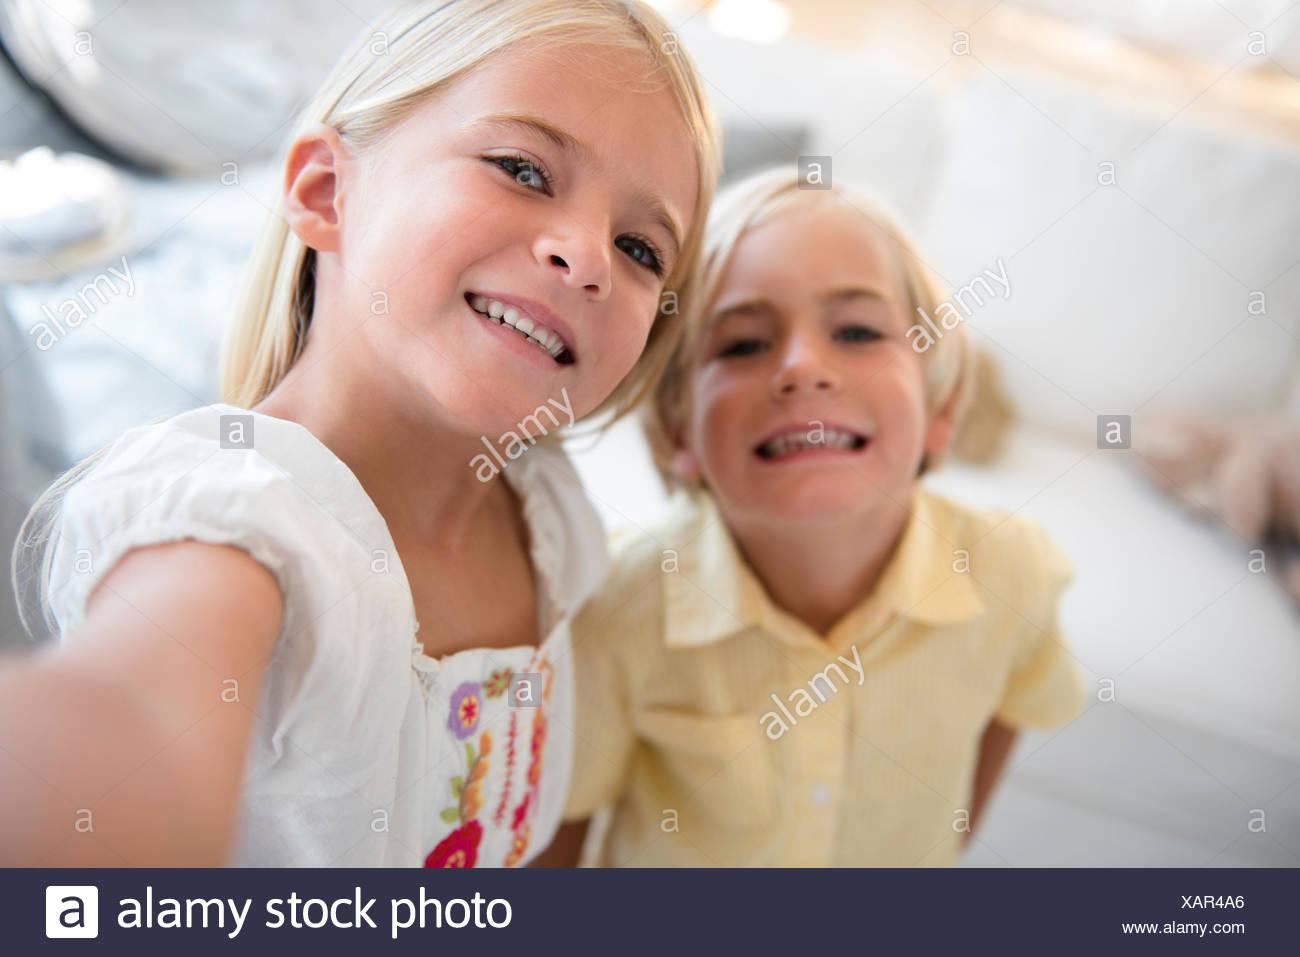 La ragazza (6-7) e ragazzo (4-5) guardando la fotocamera Immagini Stock